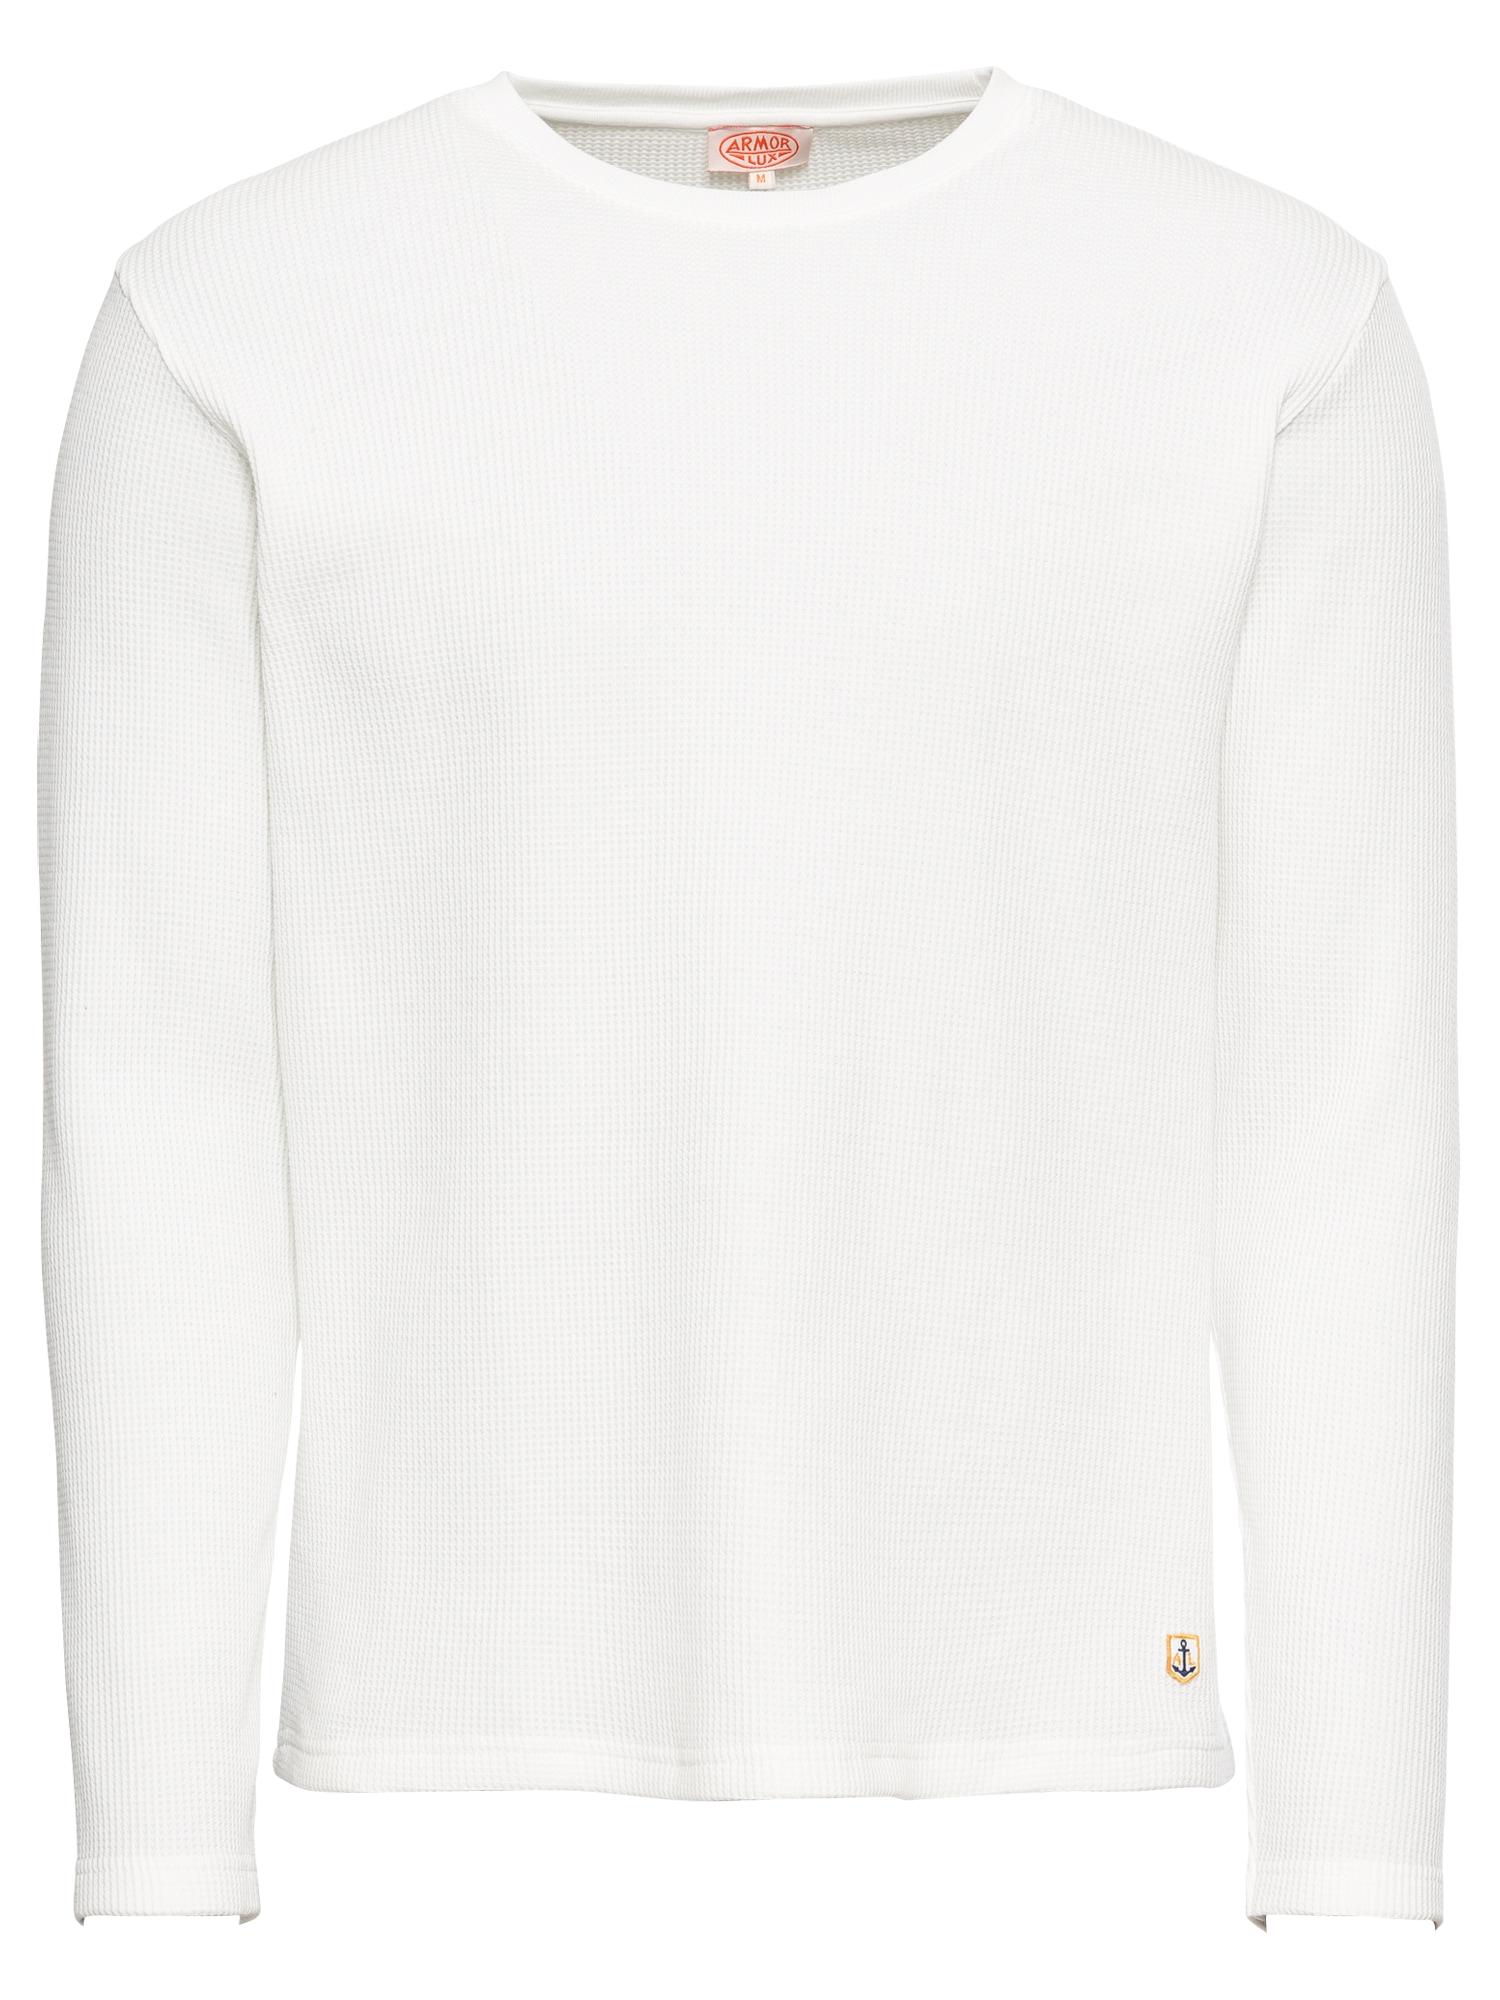 Svetr T-Shirt ML Héritage bílá Armor Lux